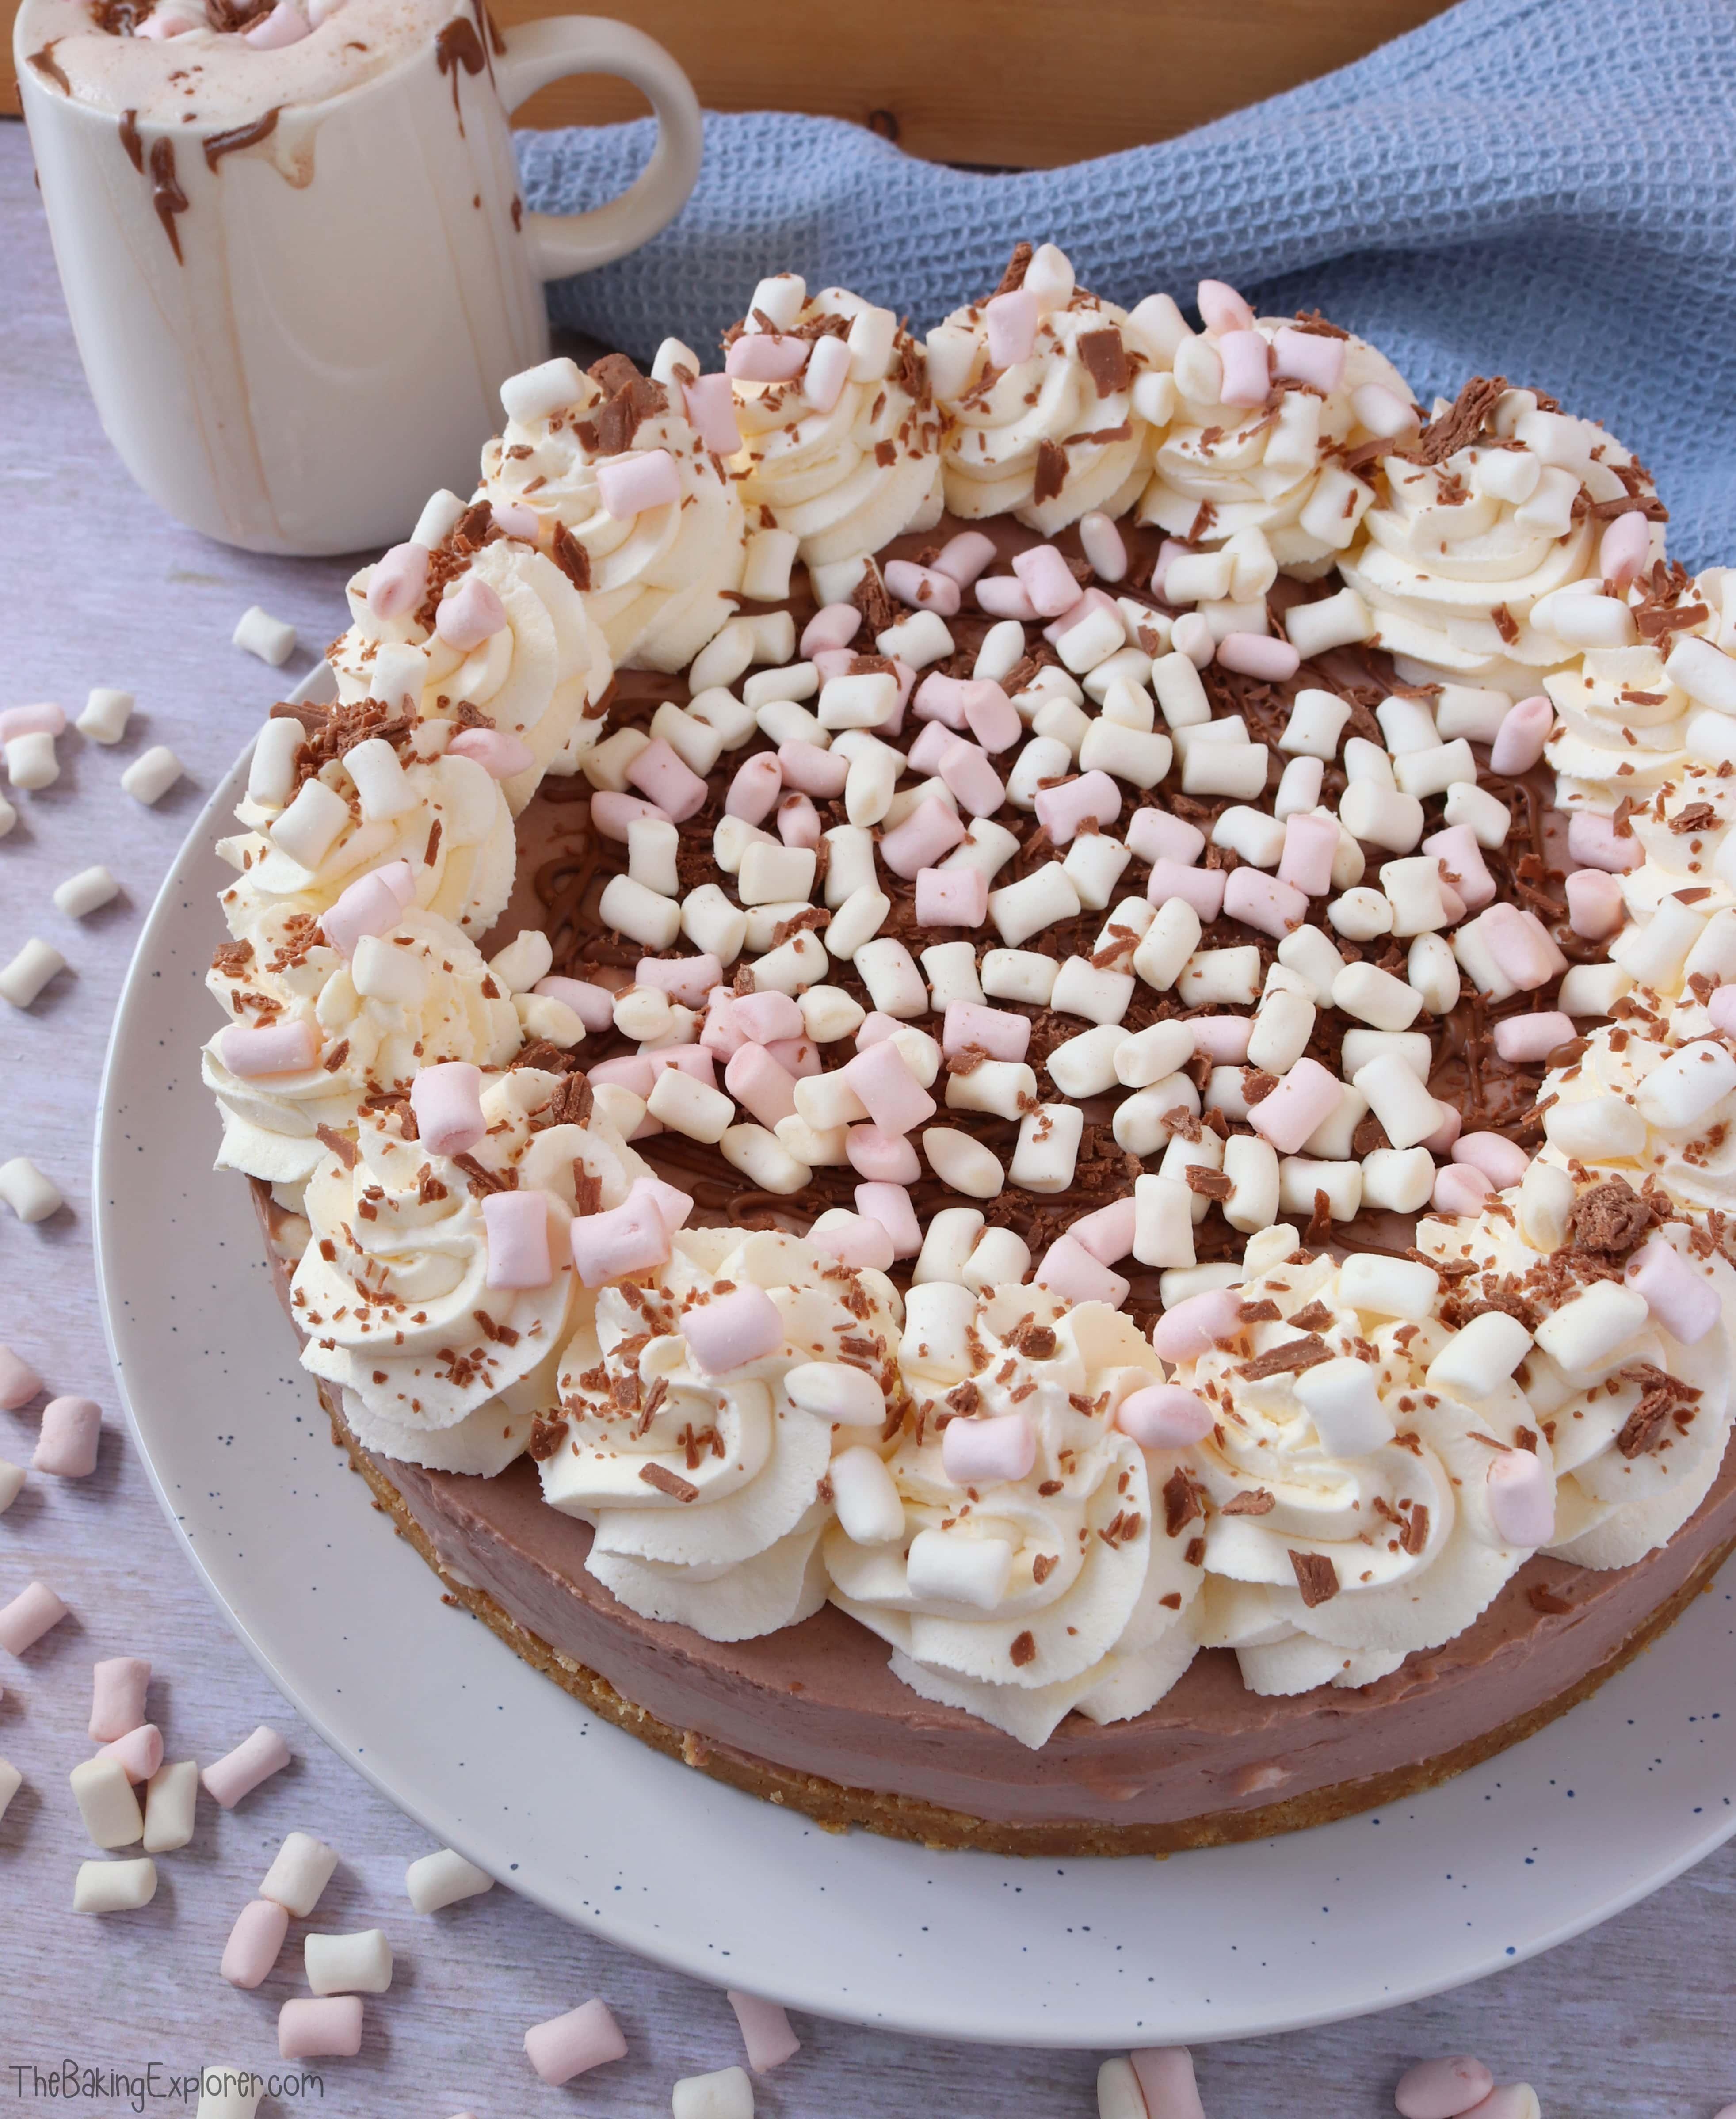 Hot Chocolate Cheesecake